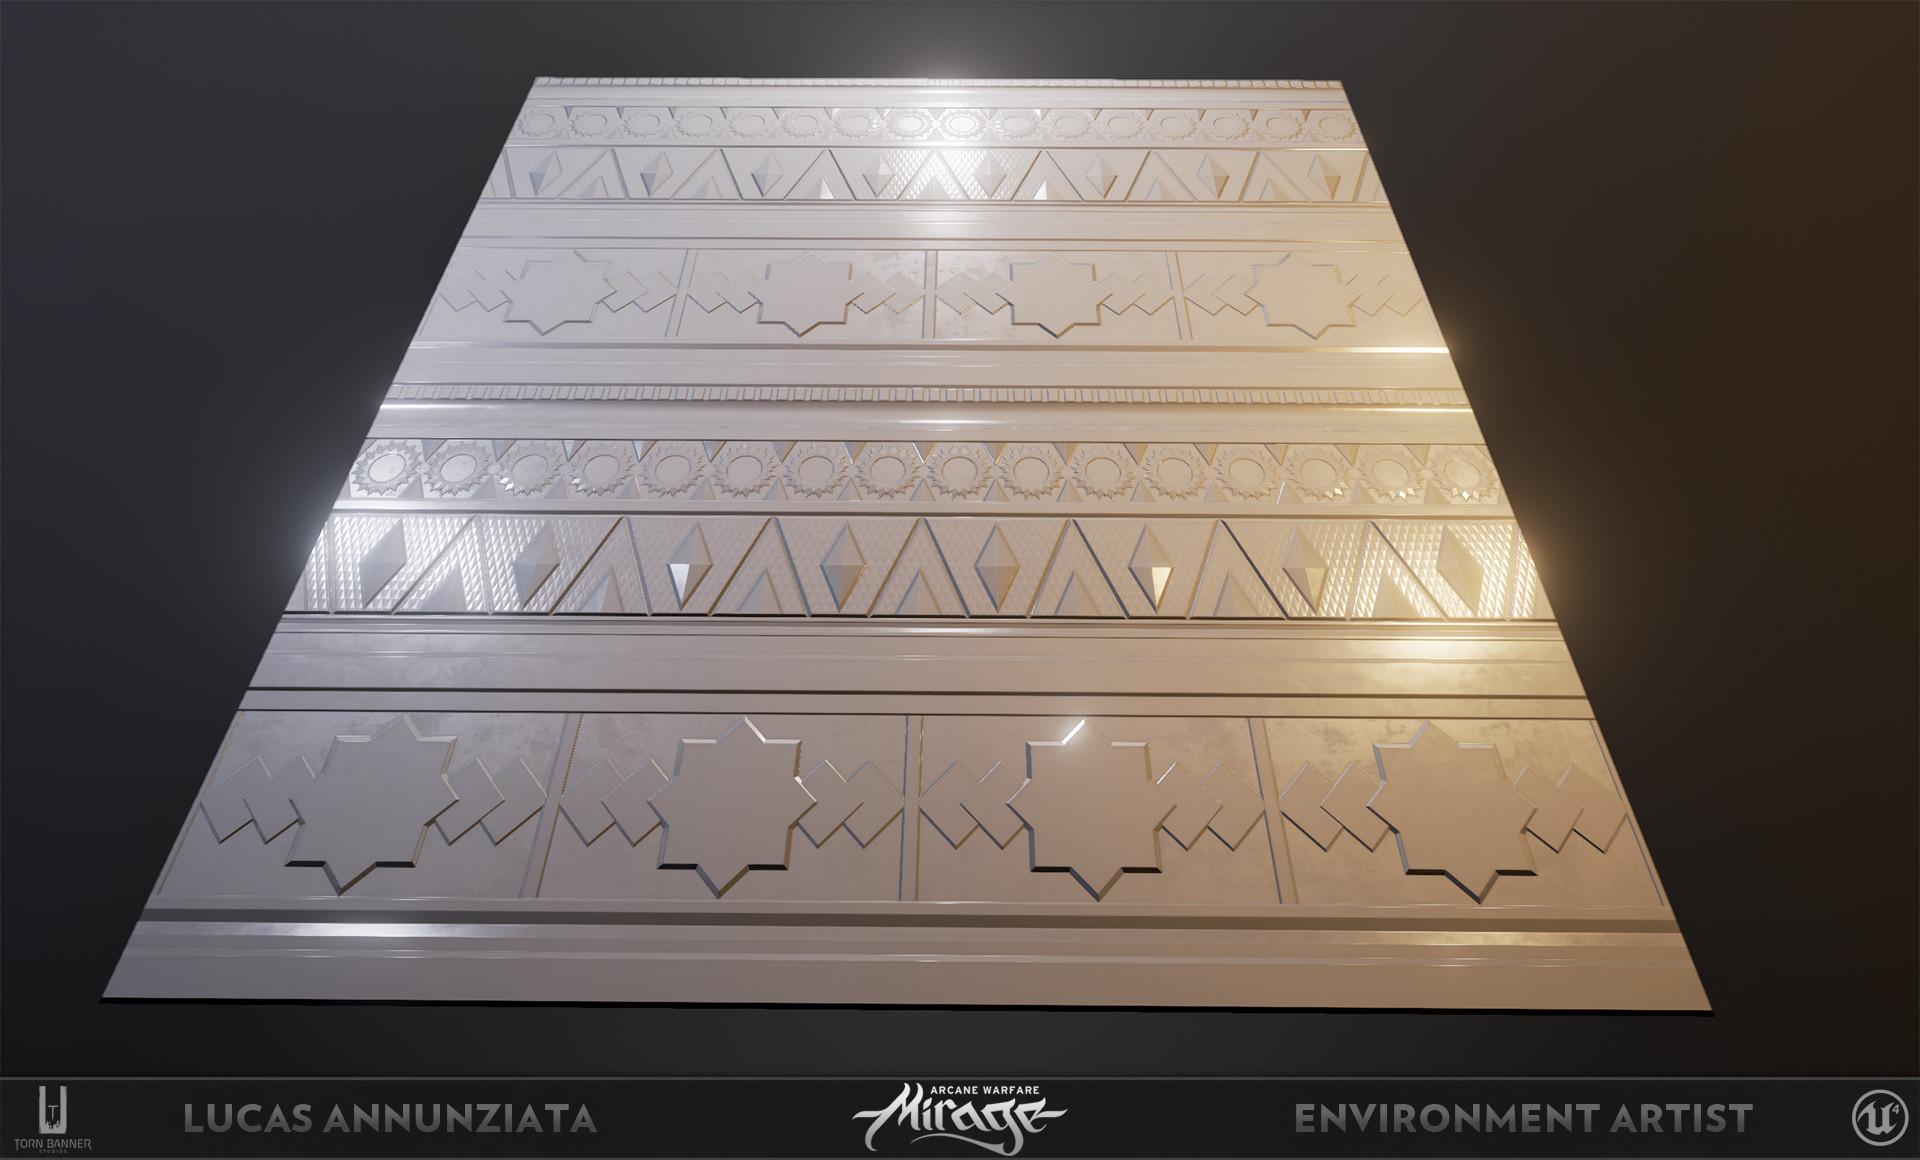 Lucas annunziata marble 1